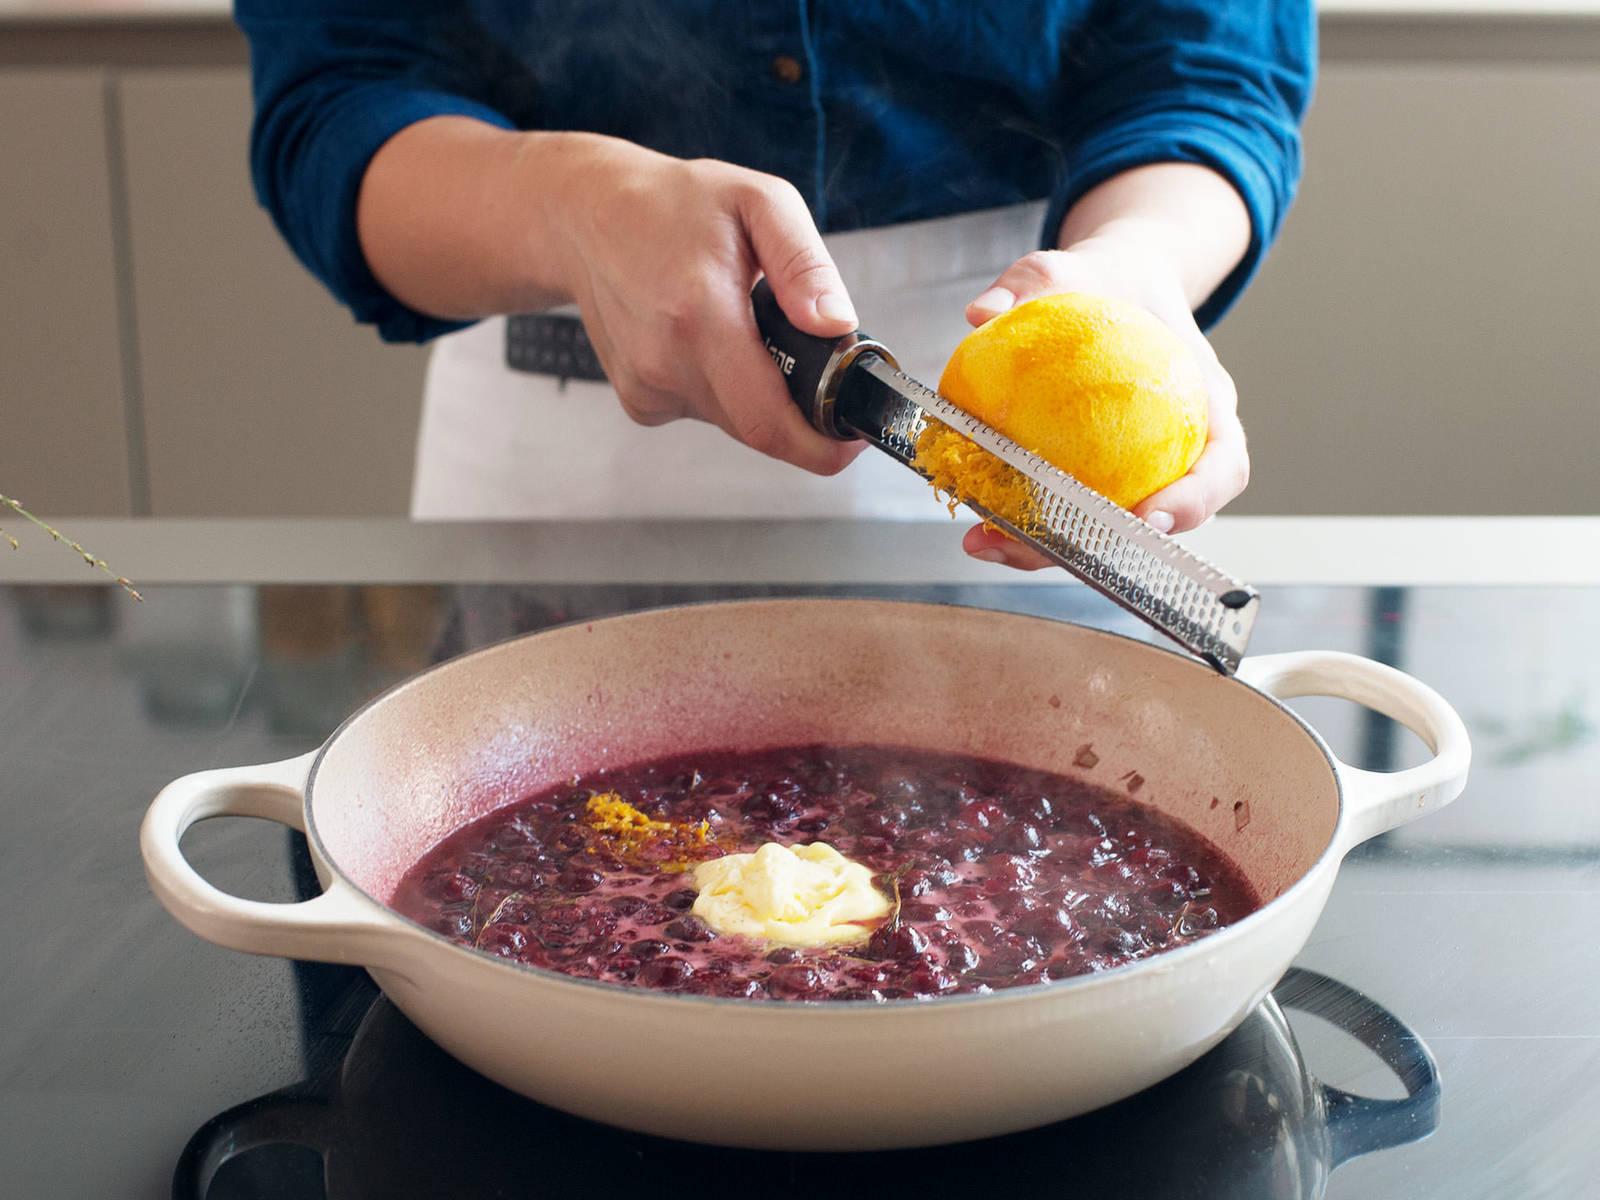 取出百里香,拌入黄油和橘子皮碎,撒盐与胡椒调味。将鸭胸肉切薄片,放到上菜盘中。淋上樱桃波特酒酱享用。祝好胃口!